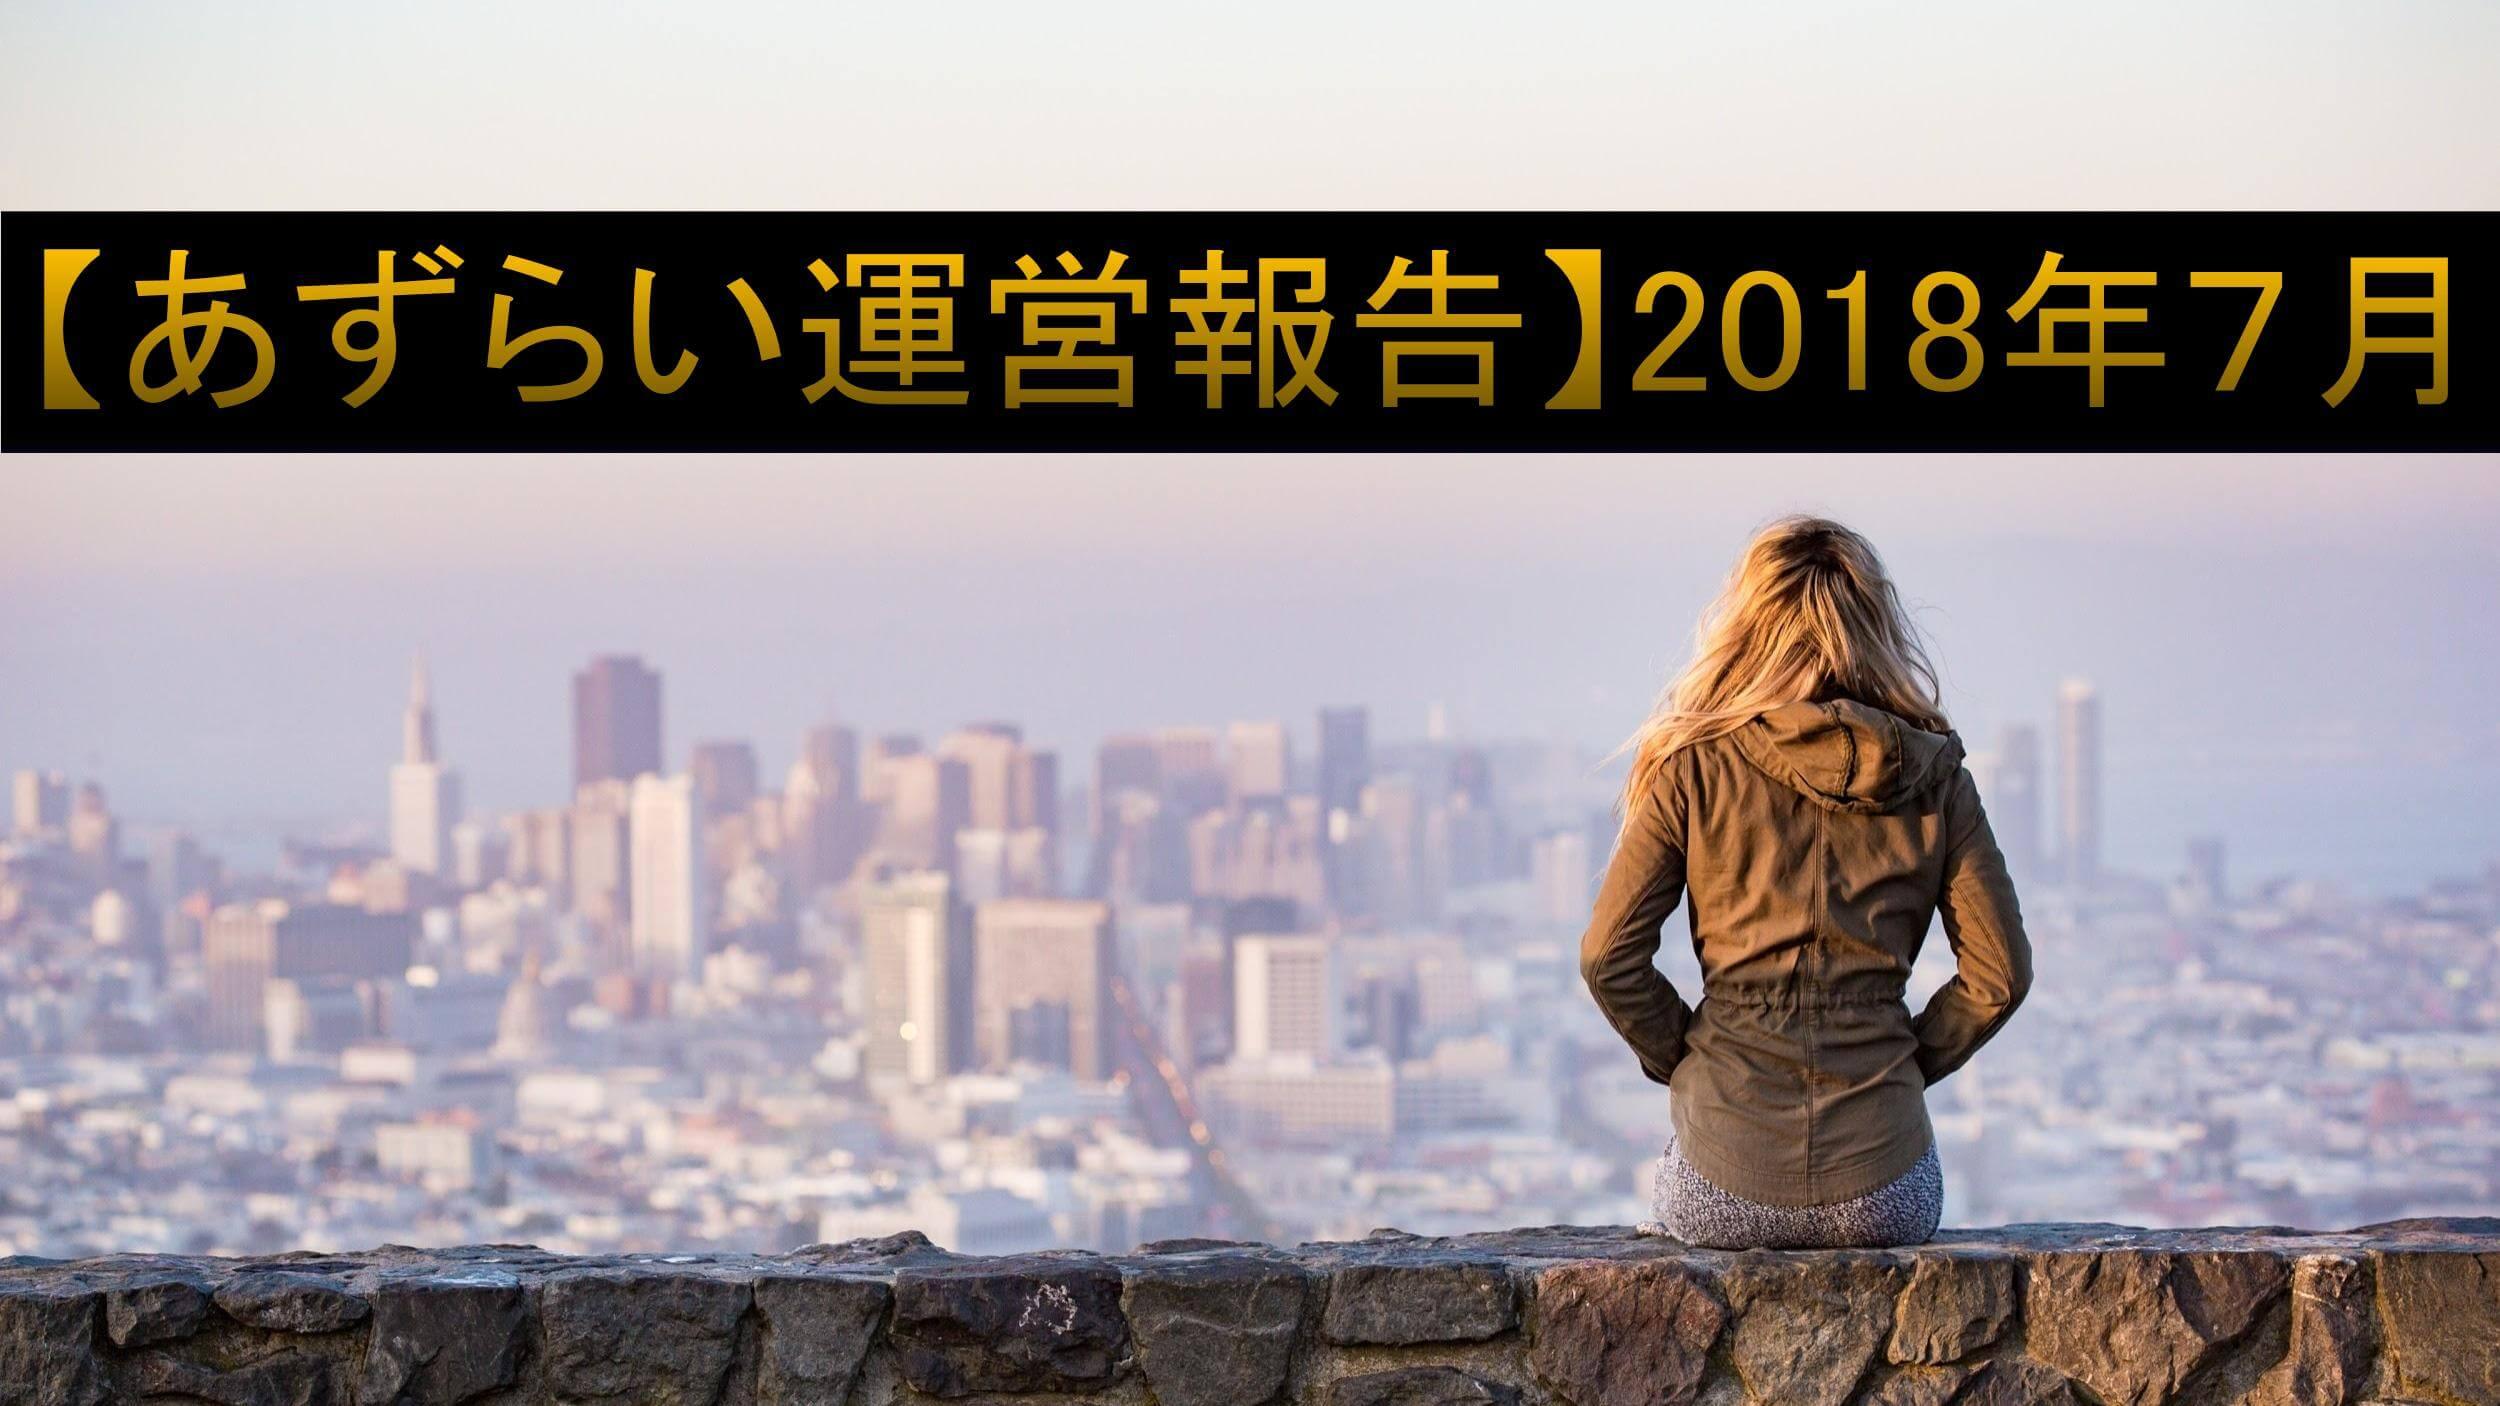 小高い丘の塀でたそがれる女性「【あずらい運営報告】2018年7月」